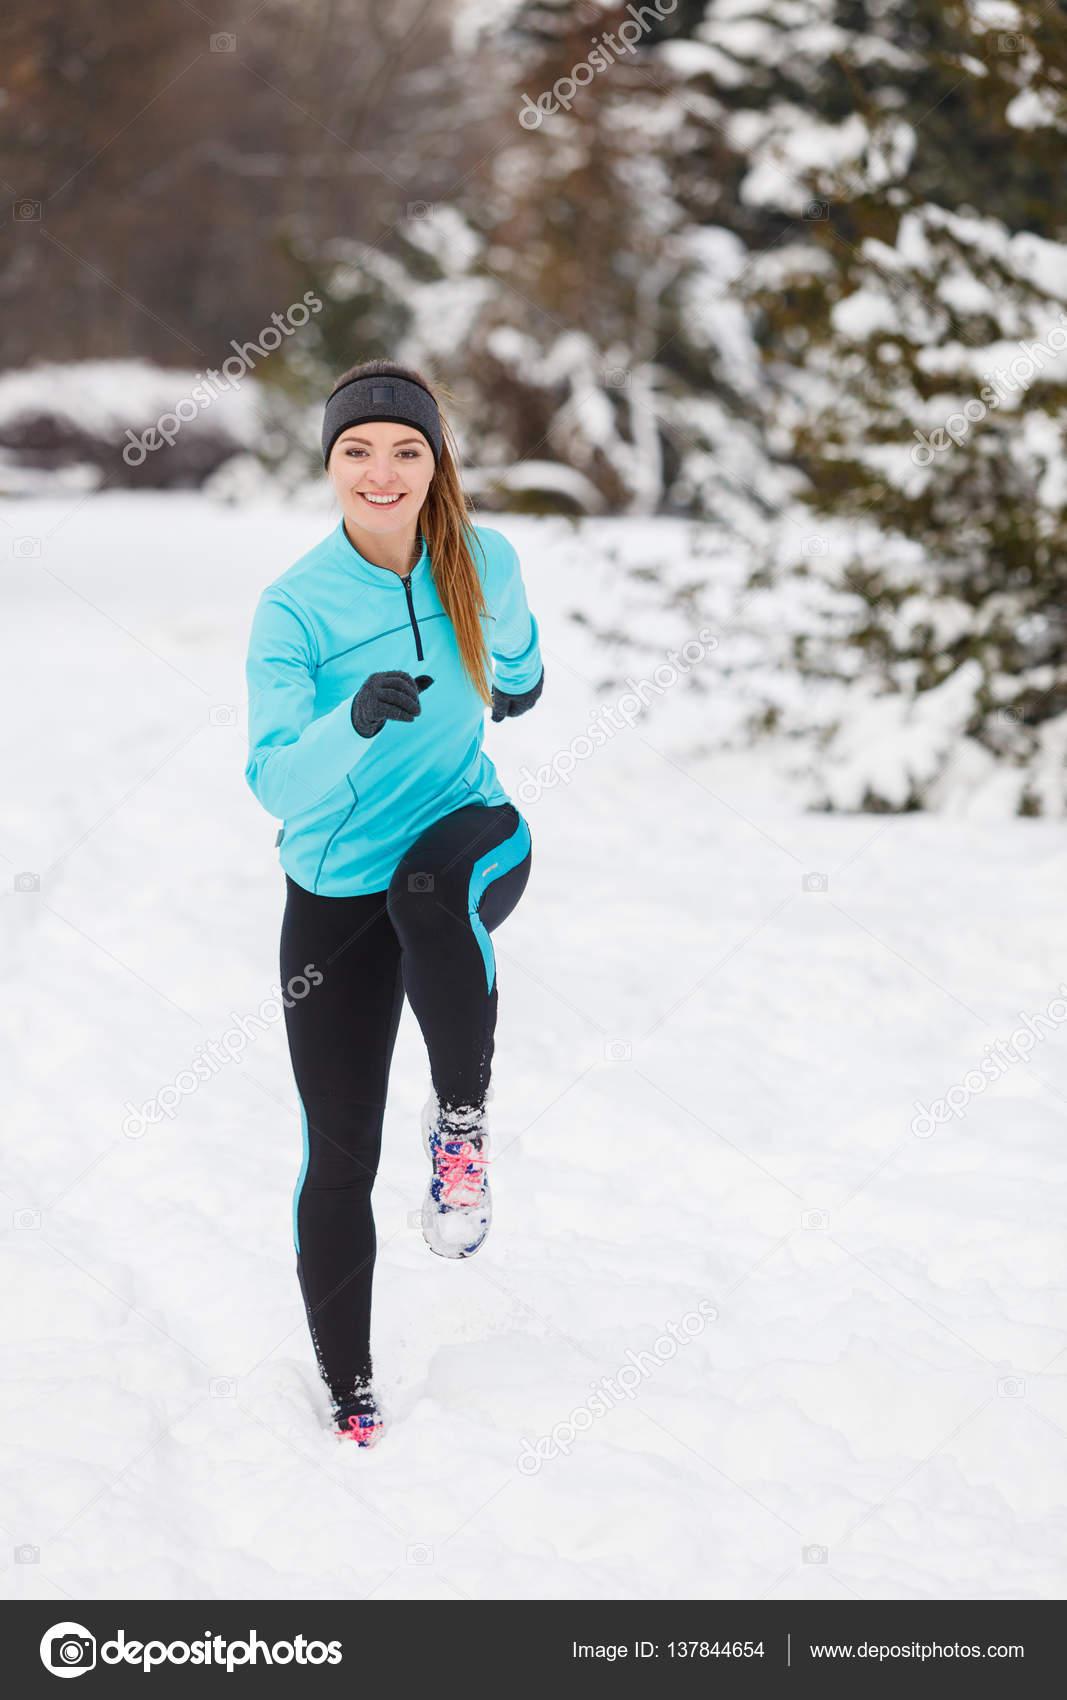 Дівчата носіння спортивний одяг і працює на сніг з дерев у фоновому режимі 7e0c108c69789